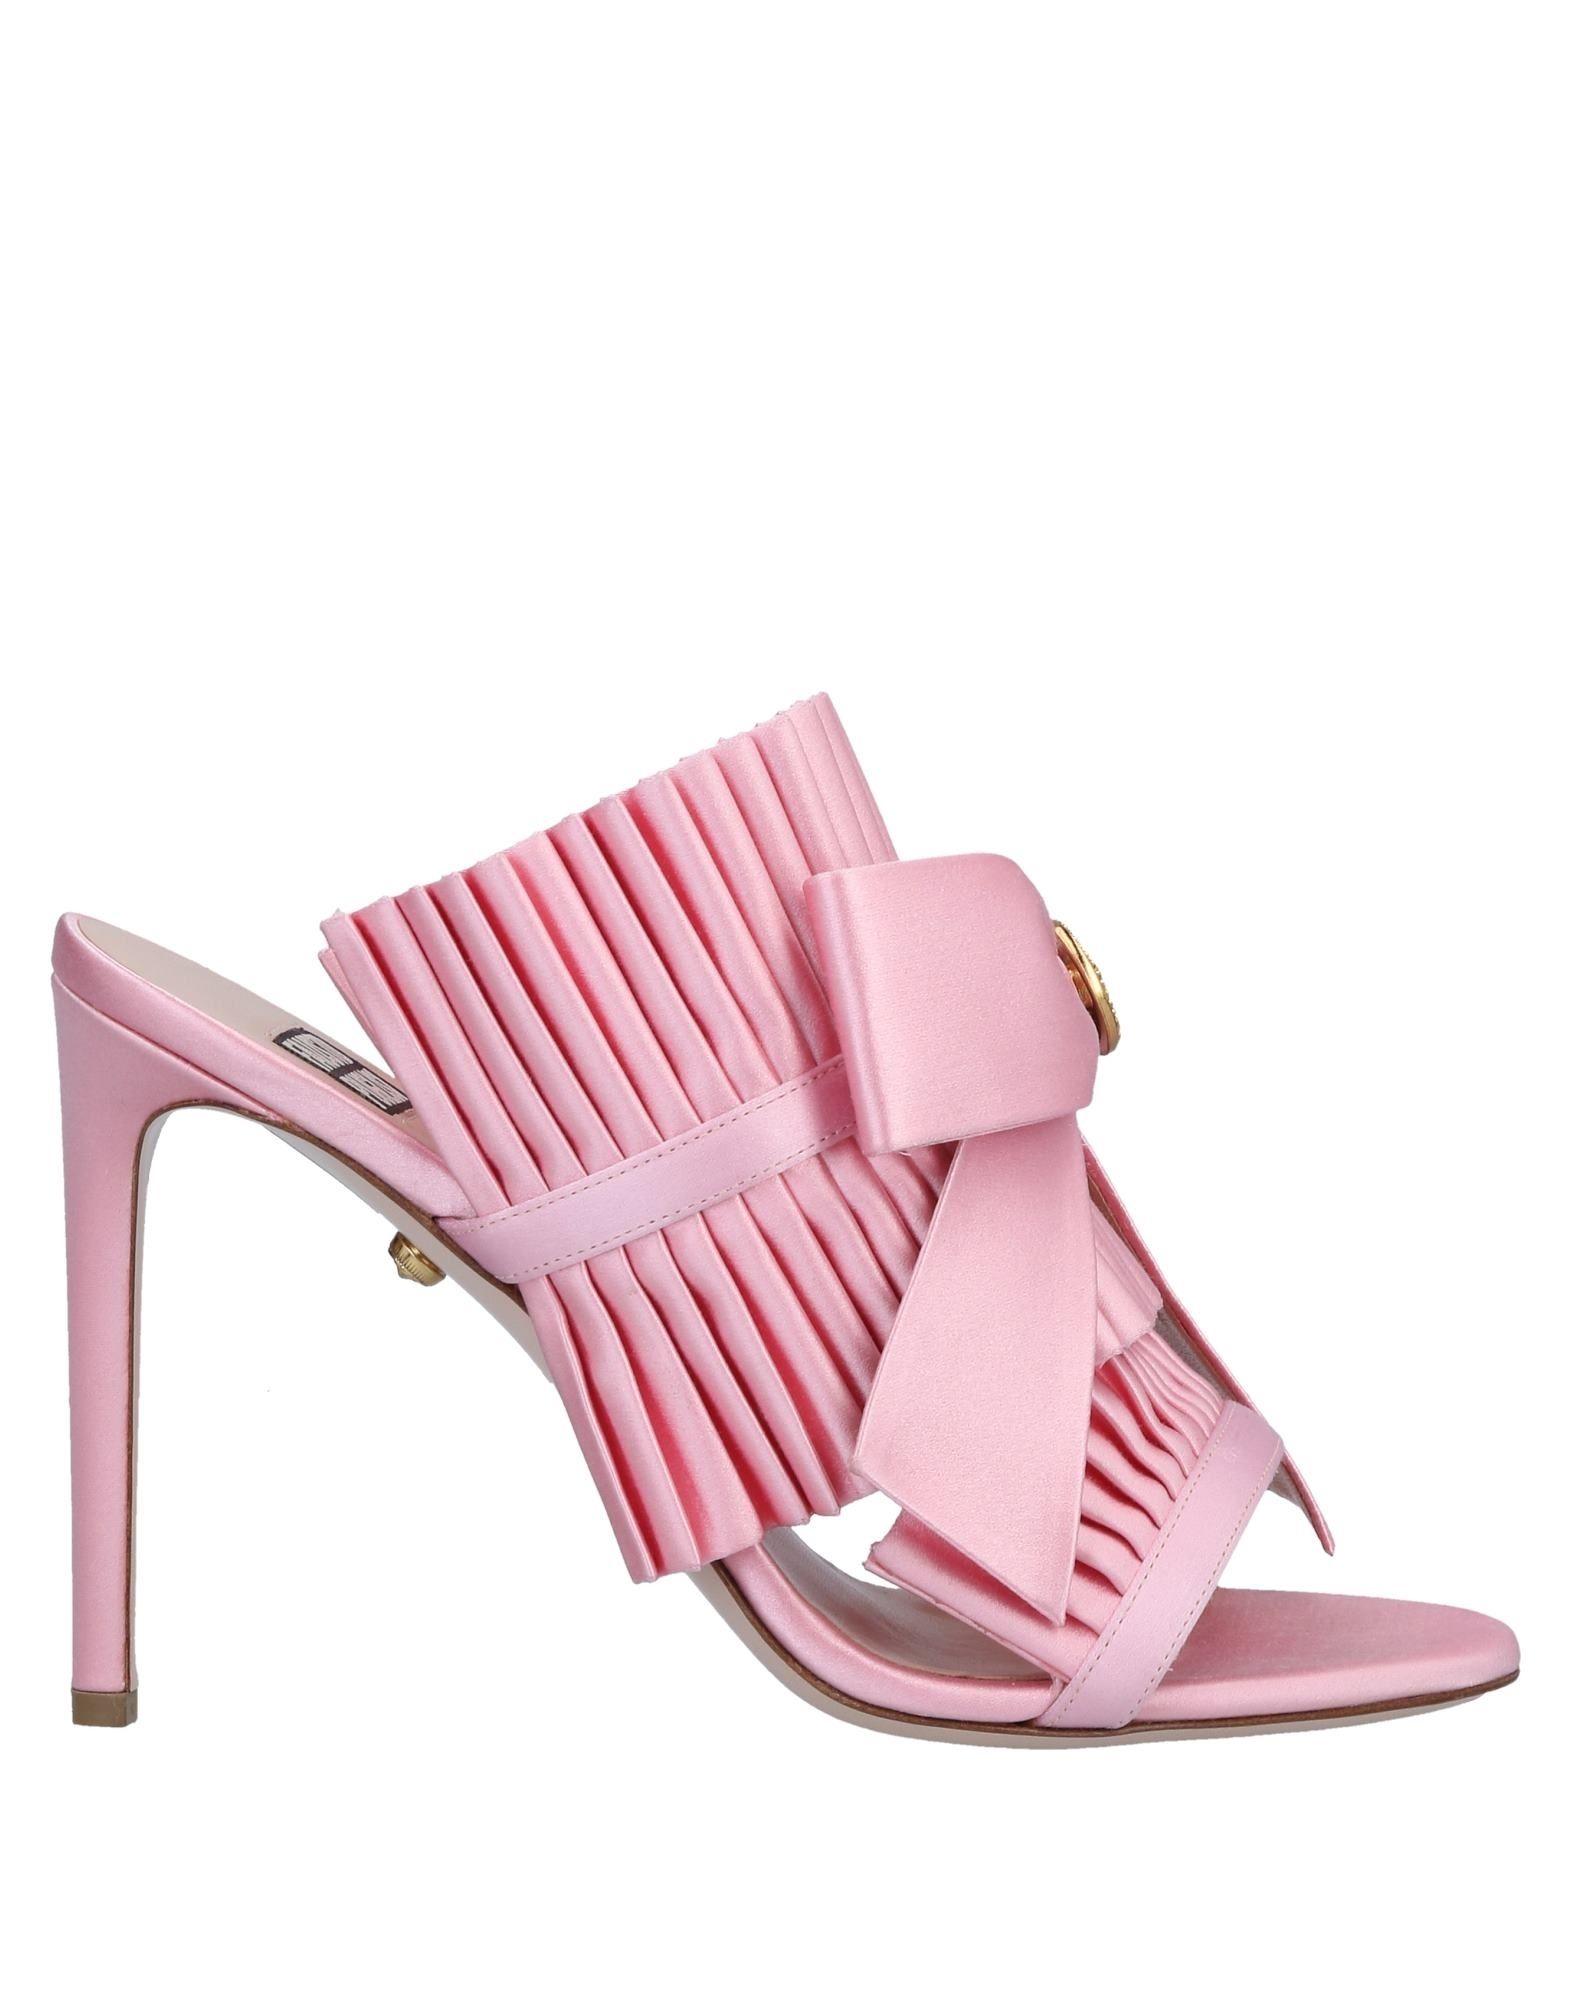 《セール開催中》FAUSTO PUGLISI レディース サンダル ピンク 36 紡績繊維